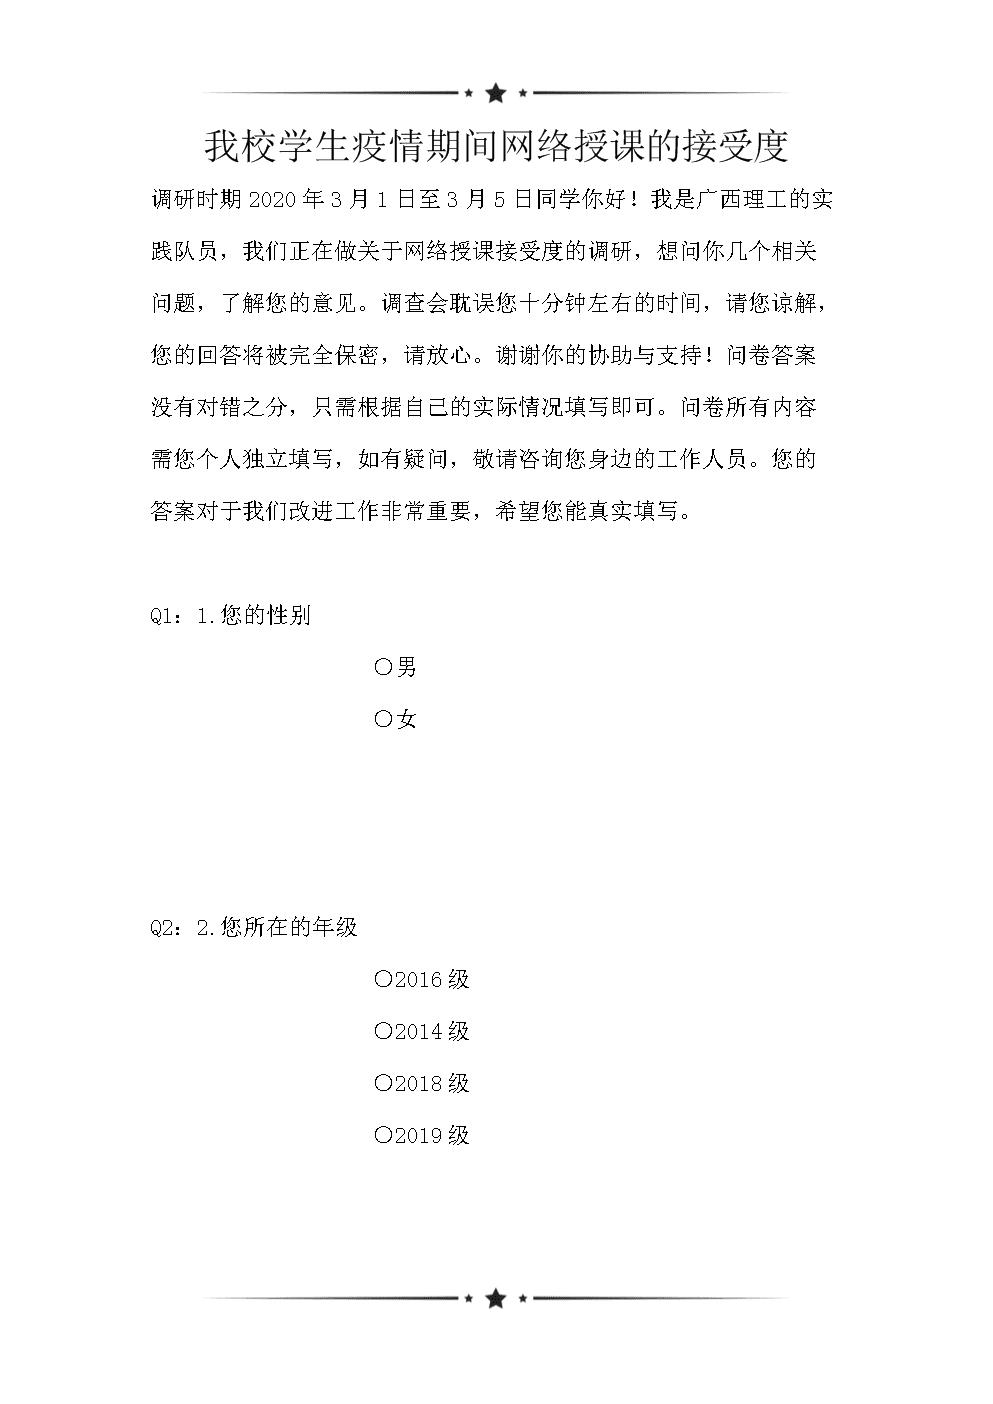 我校学生疫情期间网络授课的接受度(可编辑).doc